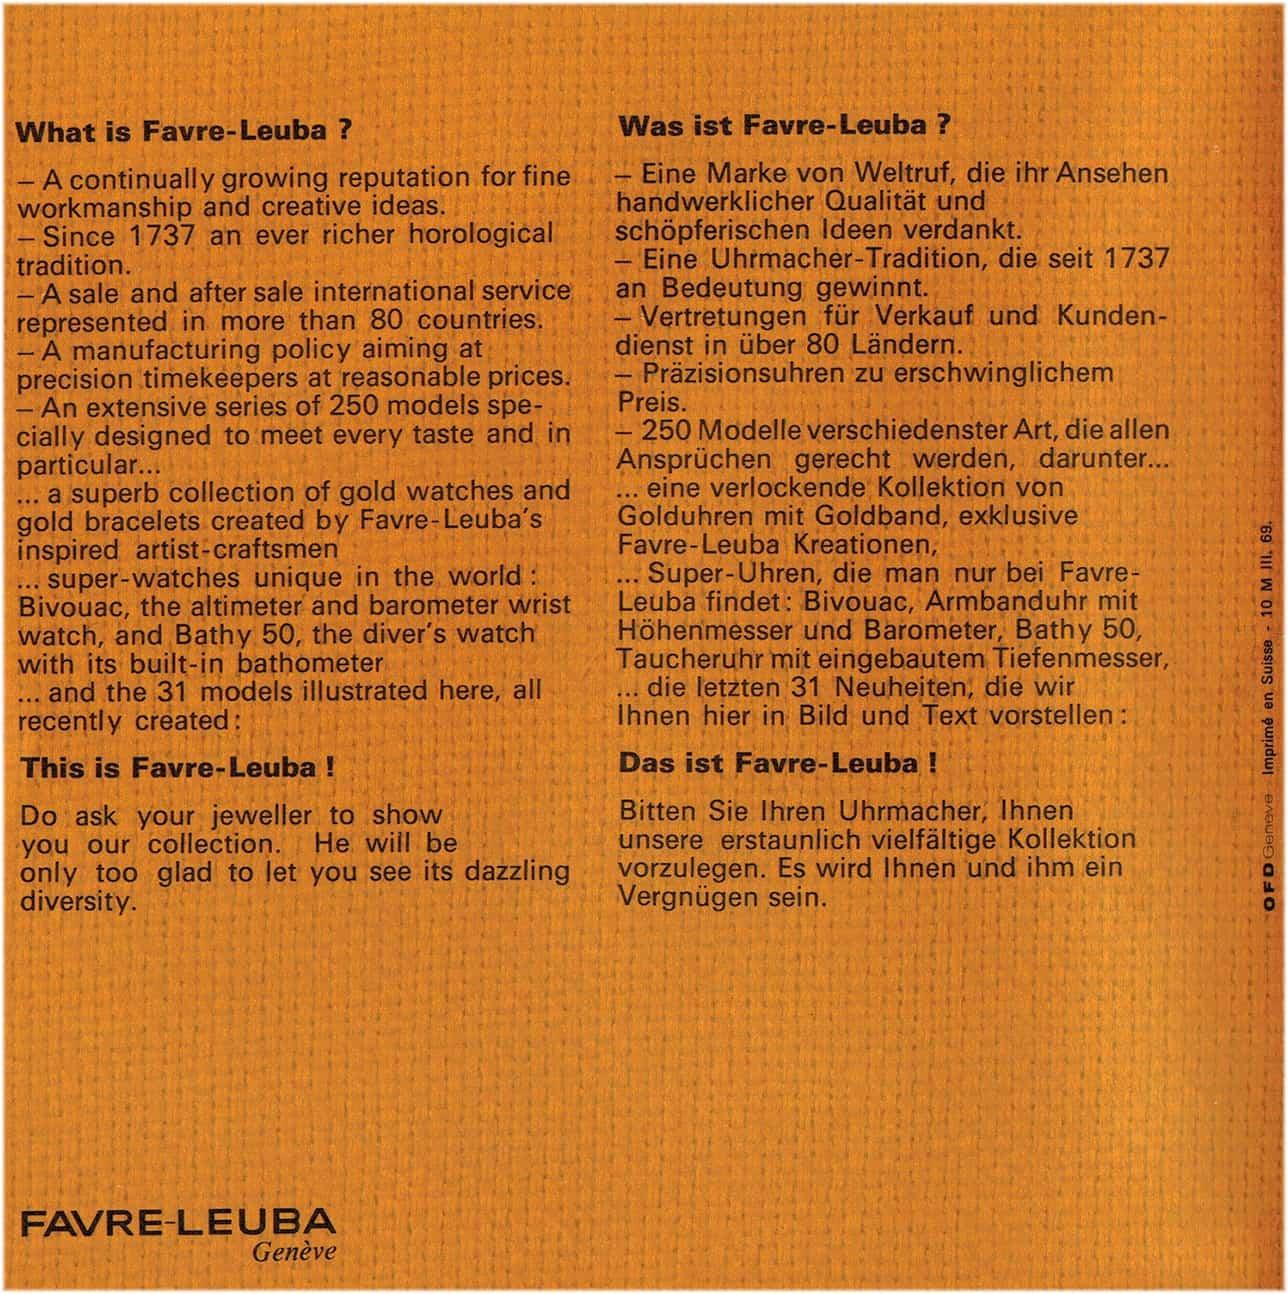 Die Beantwortung der Frage - Wer ist Favre-Leuba?